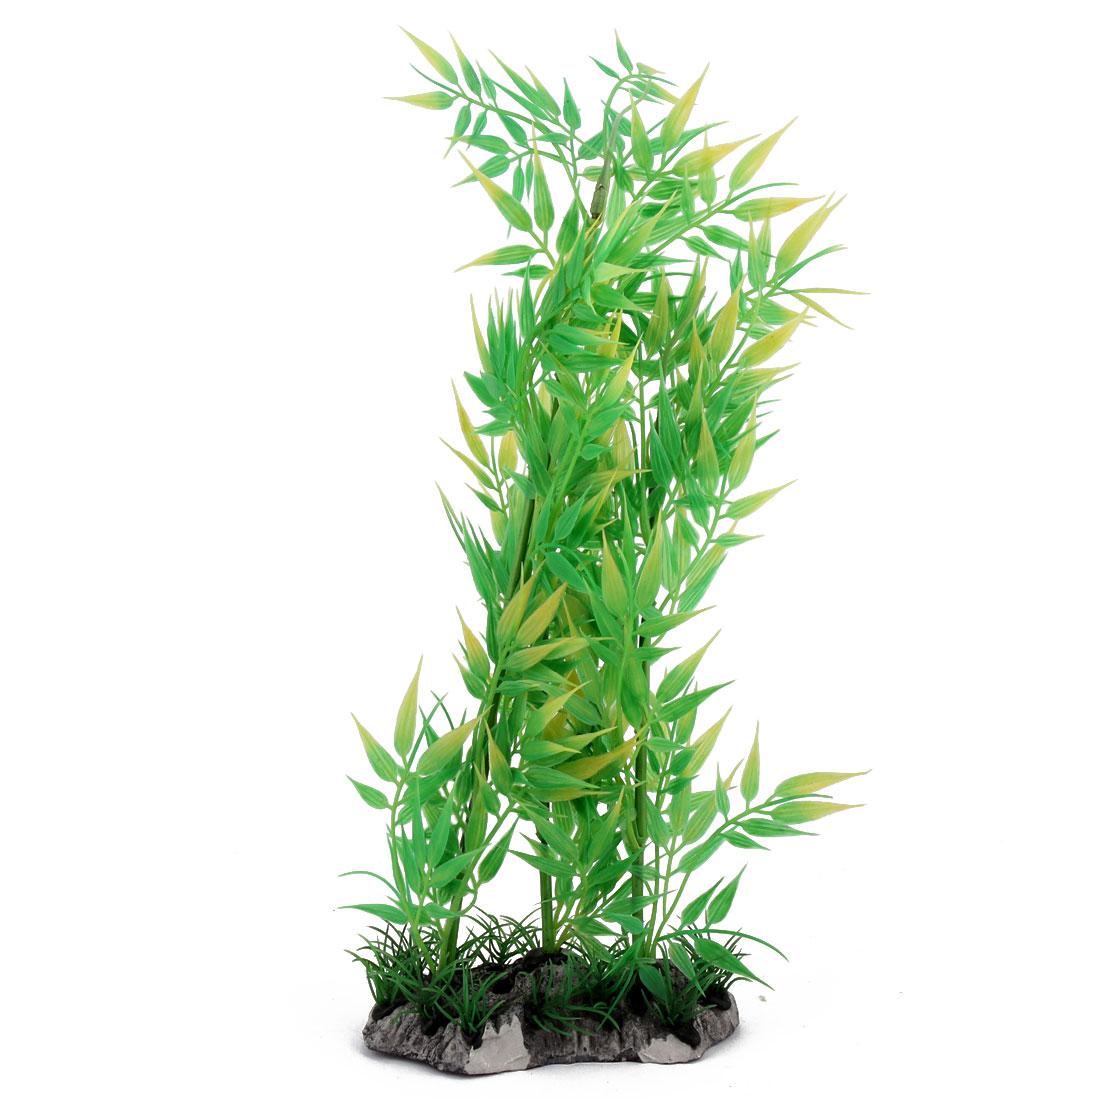 Aquarium Fish Tank Plastic Artificial Plant Aquascape Decor Green